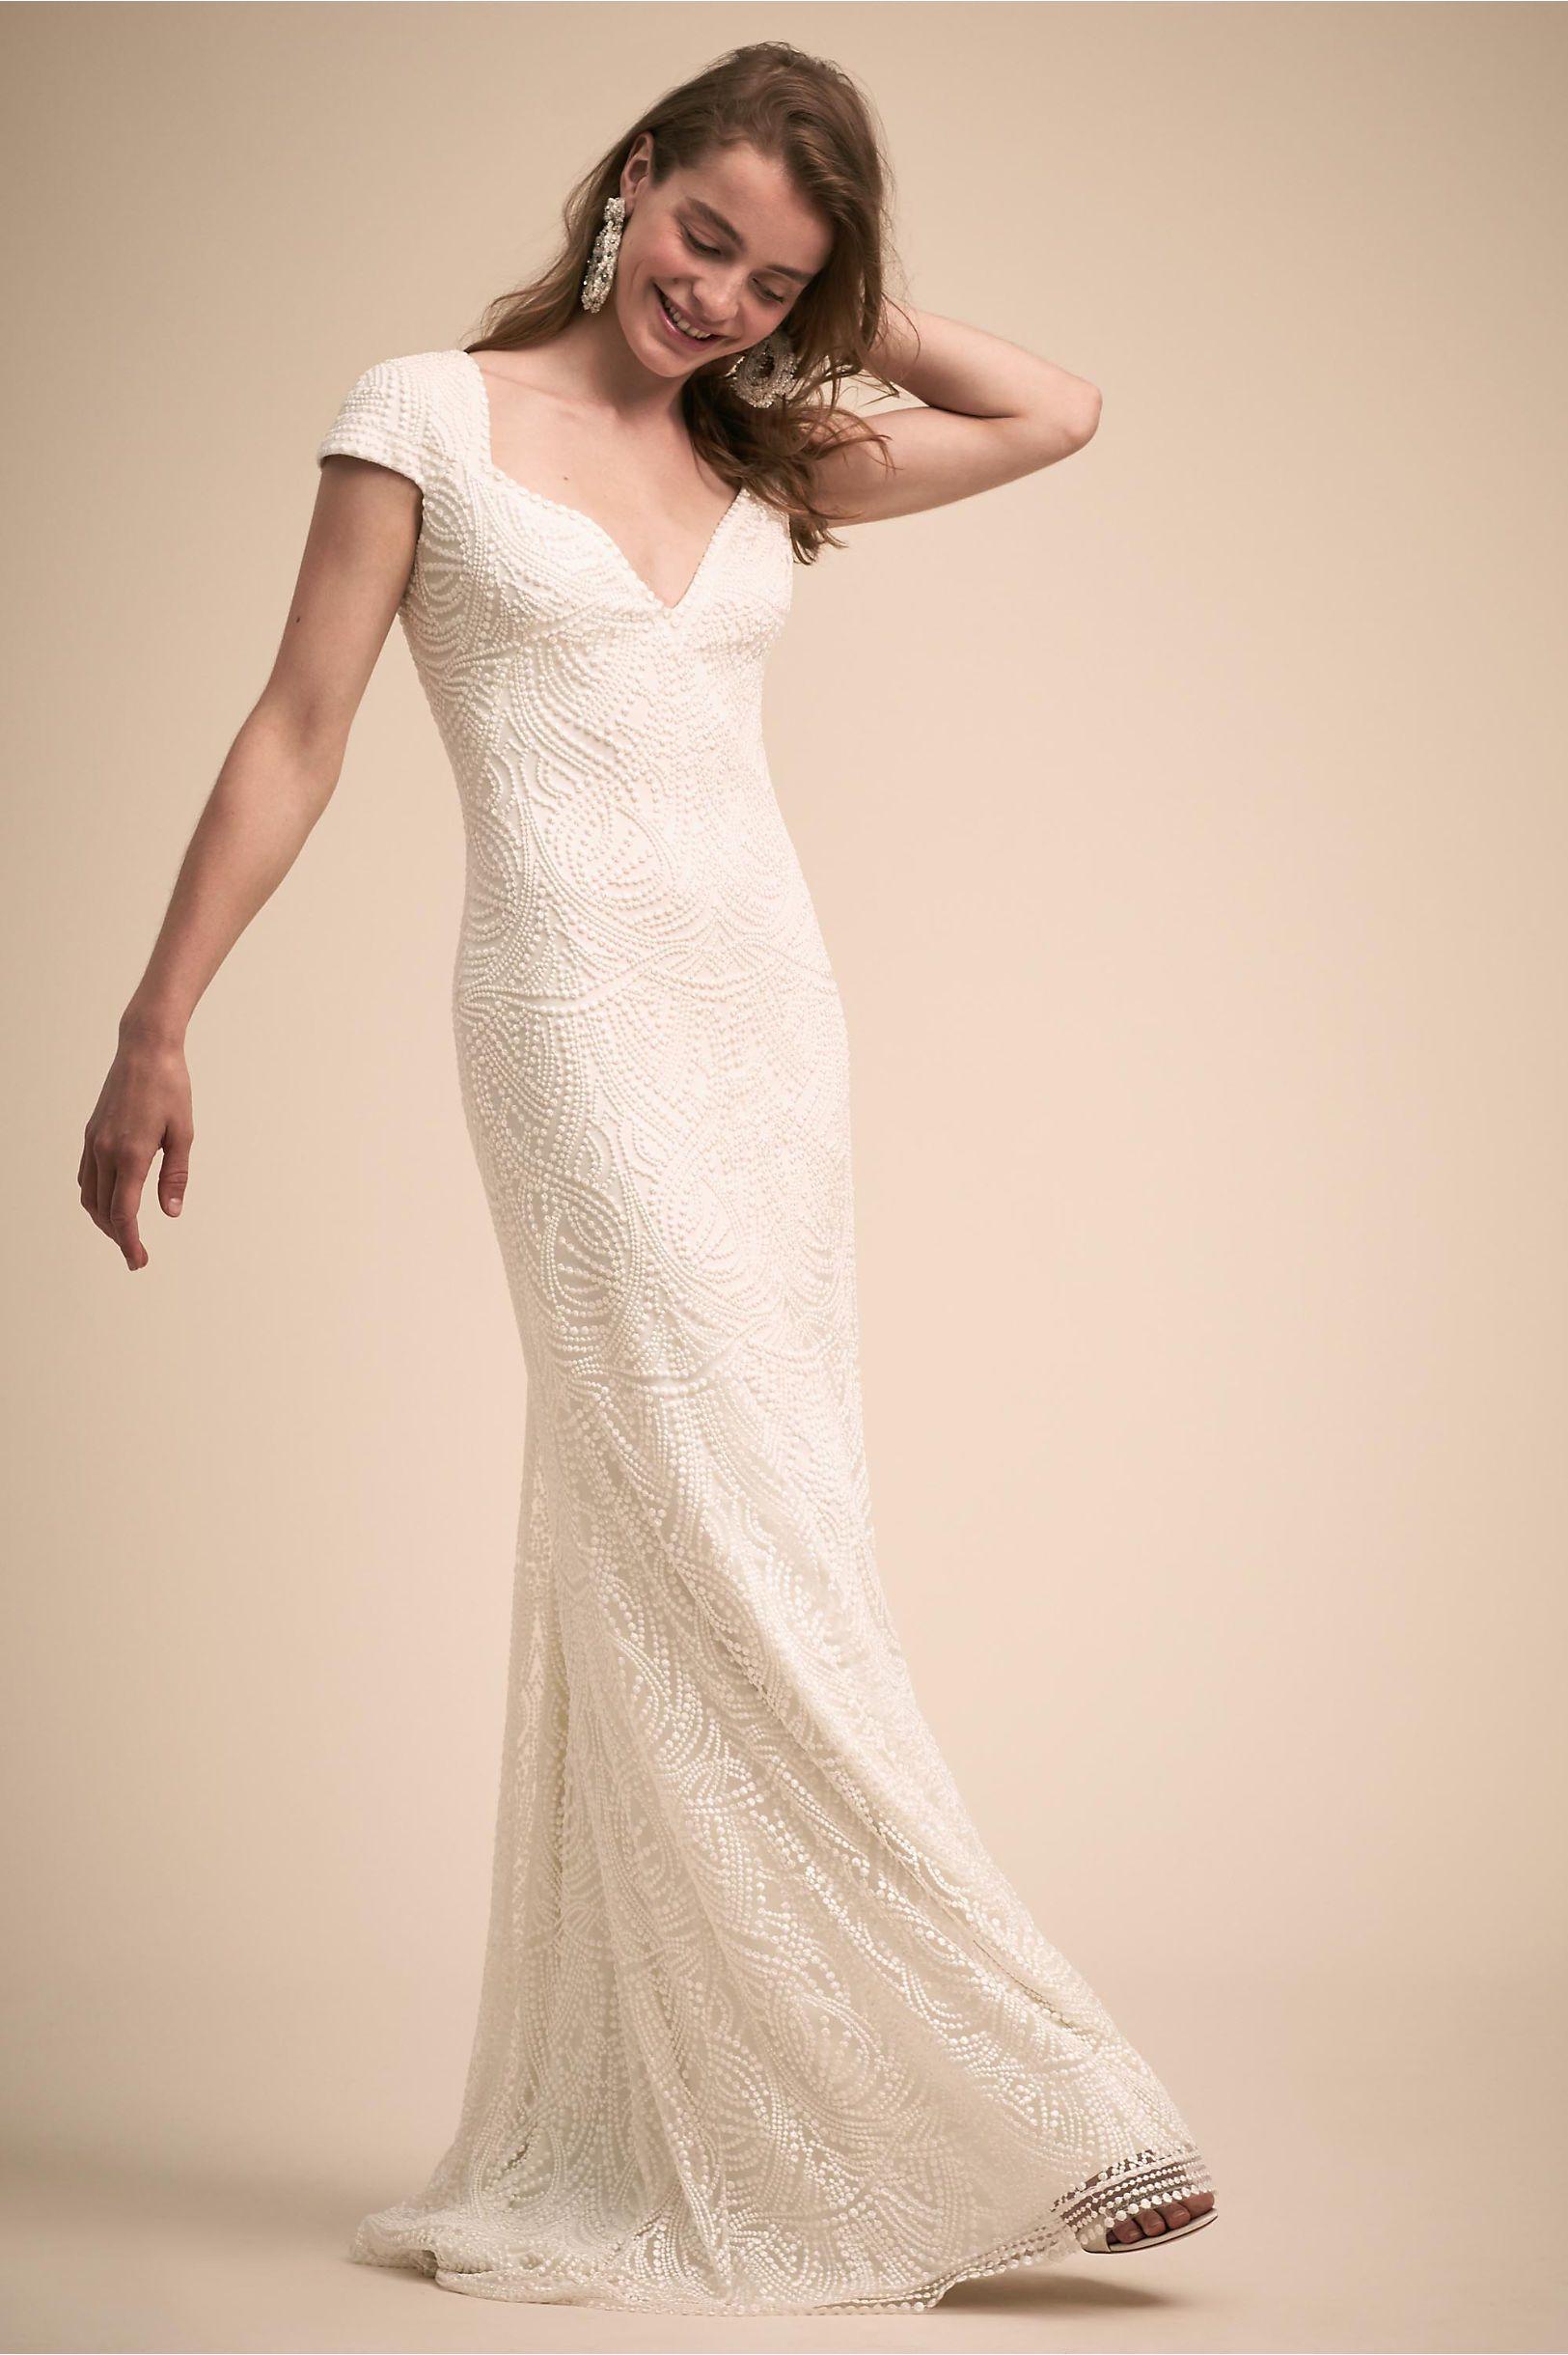 Leeds Gown | Tadashi shoji wedding